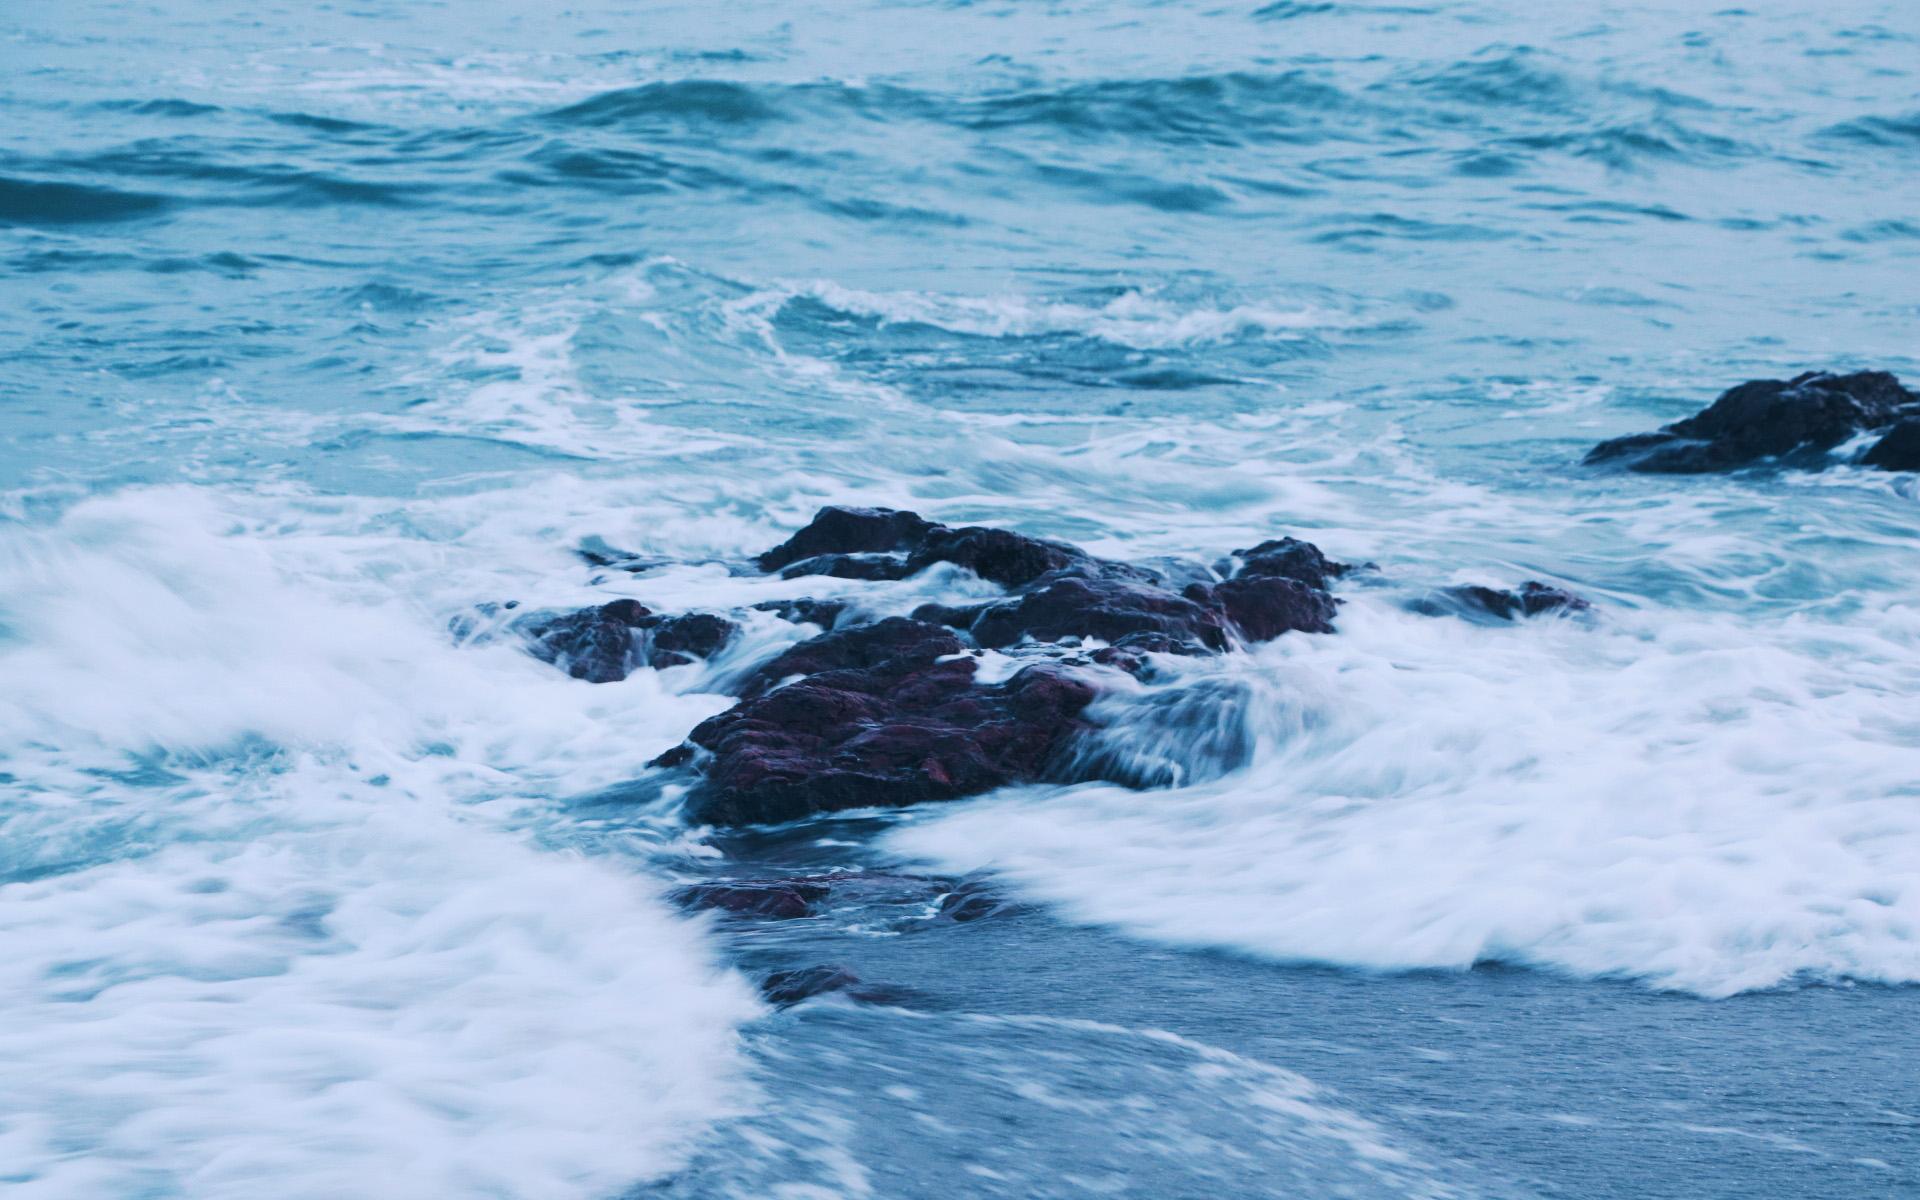 海浪的声音风景图片电脑桌面壁纸全屏